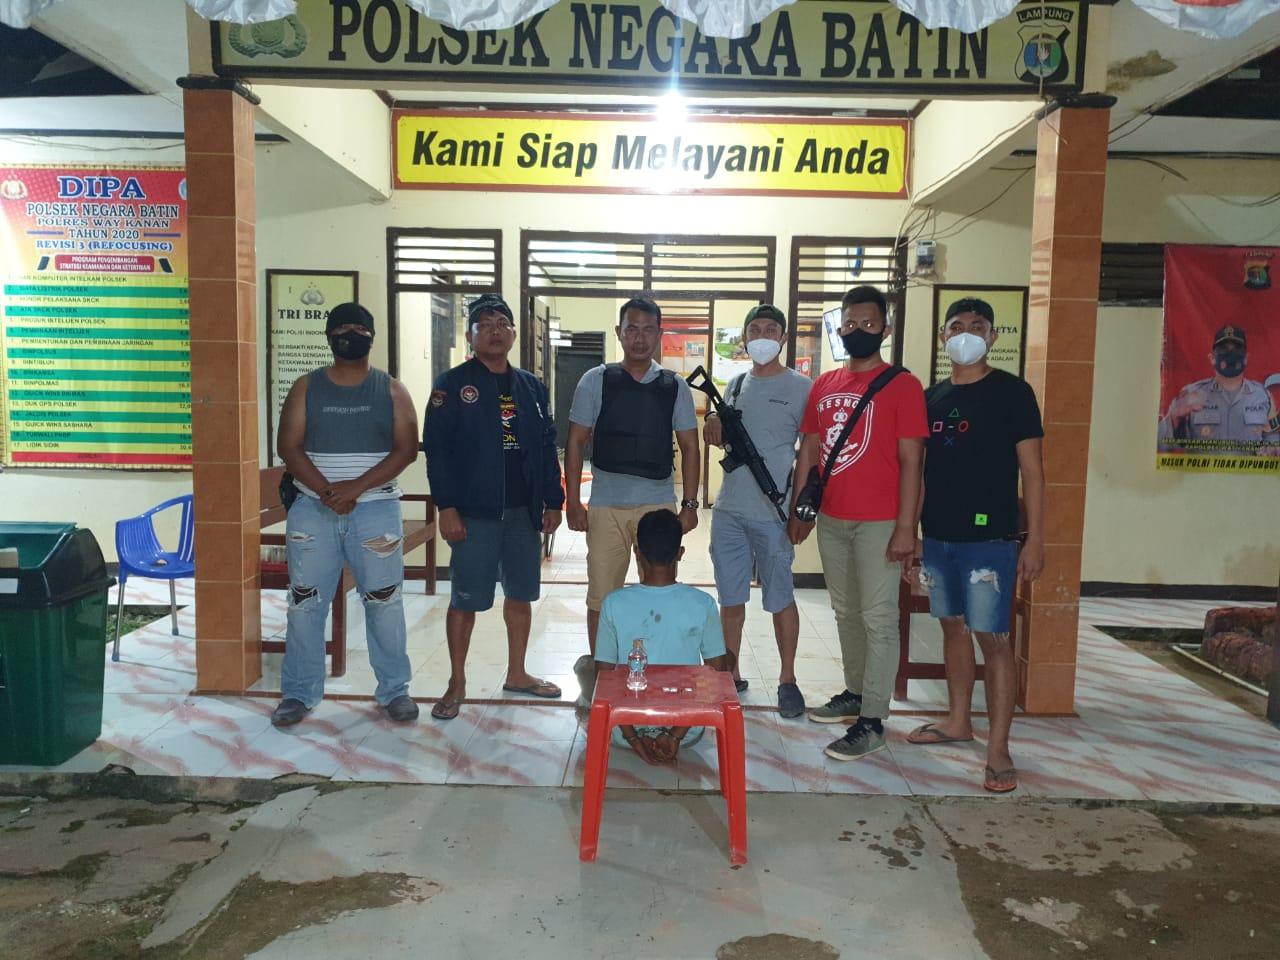 Operasi Antik Krakatau 2021, Polisi Amankan Pelaku Miliki Sabu di Negara Batin